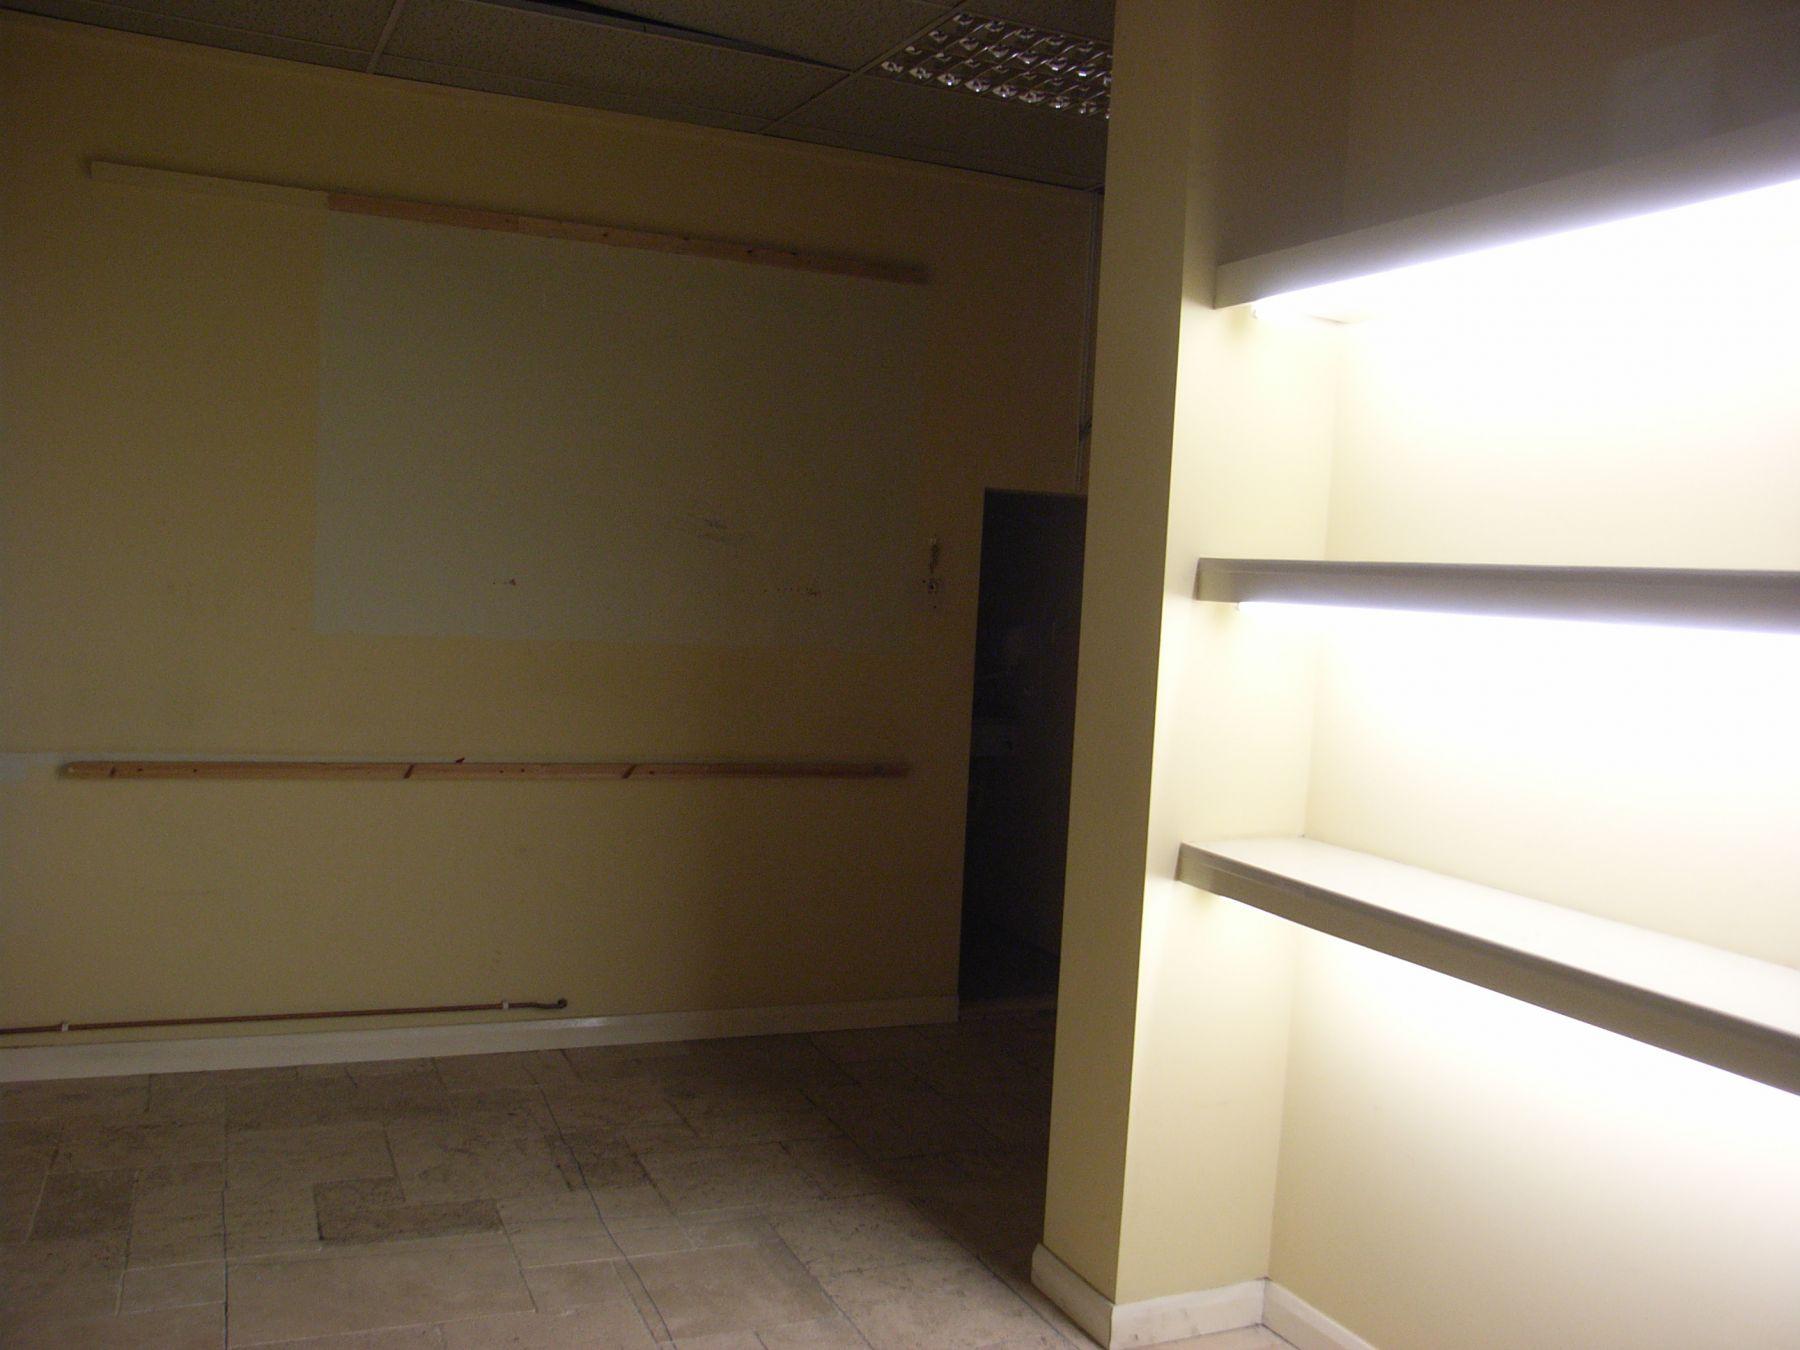 rear of empty shop